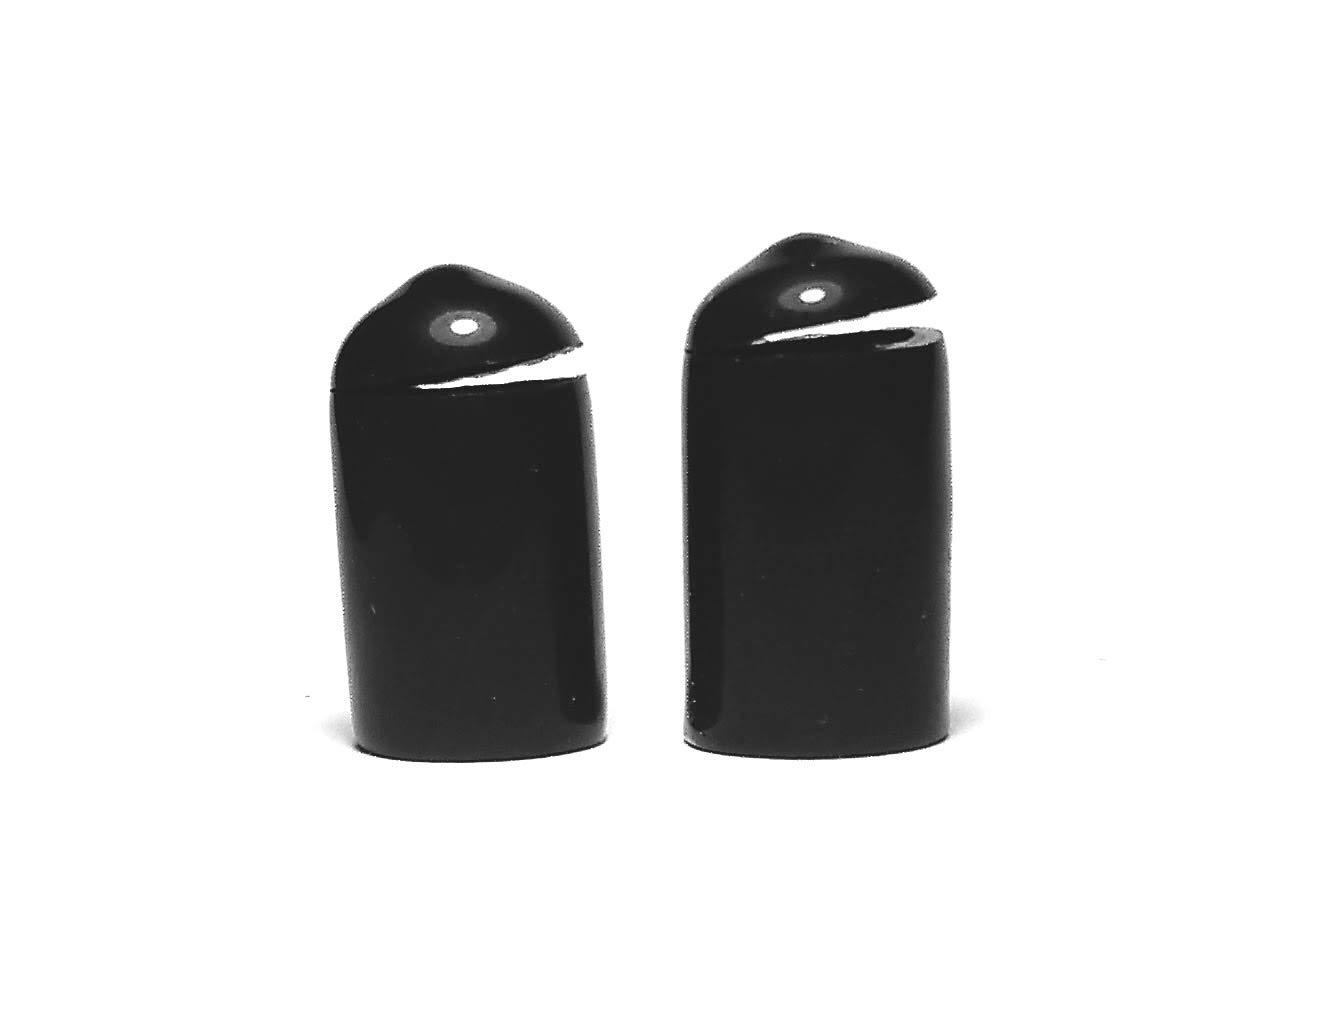 2x Dudelsackventile 10mm für German Smallpipe, Wee-Pipe und andere Folk.World